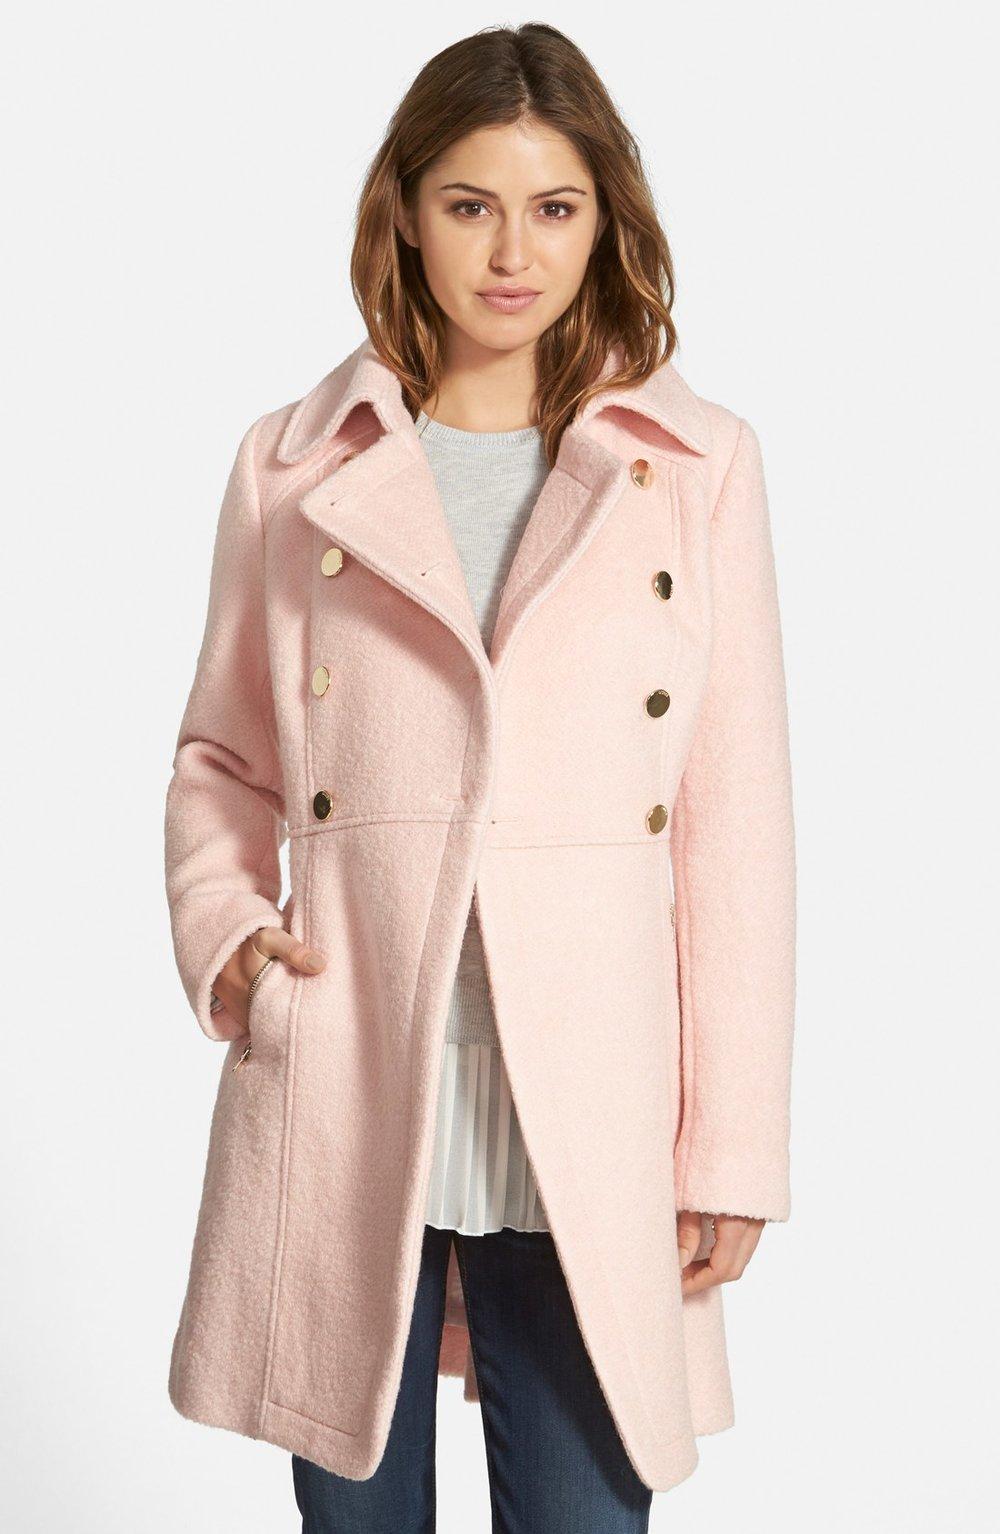 guess jacket.jpg